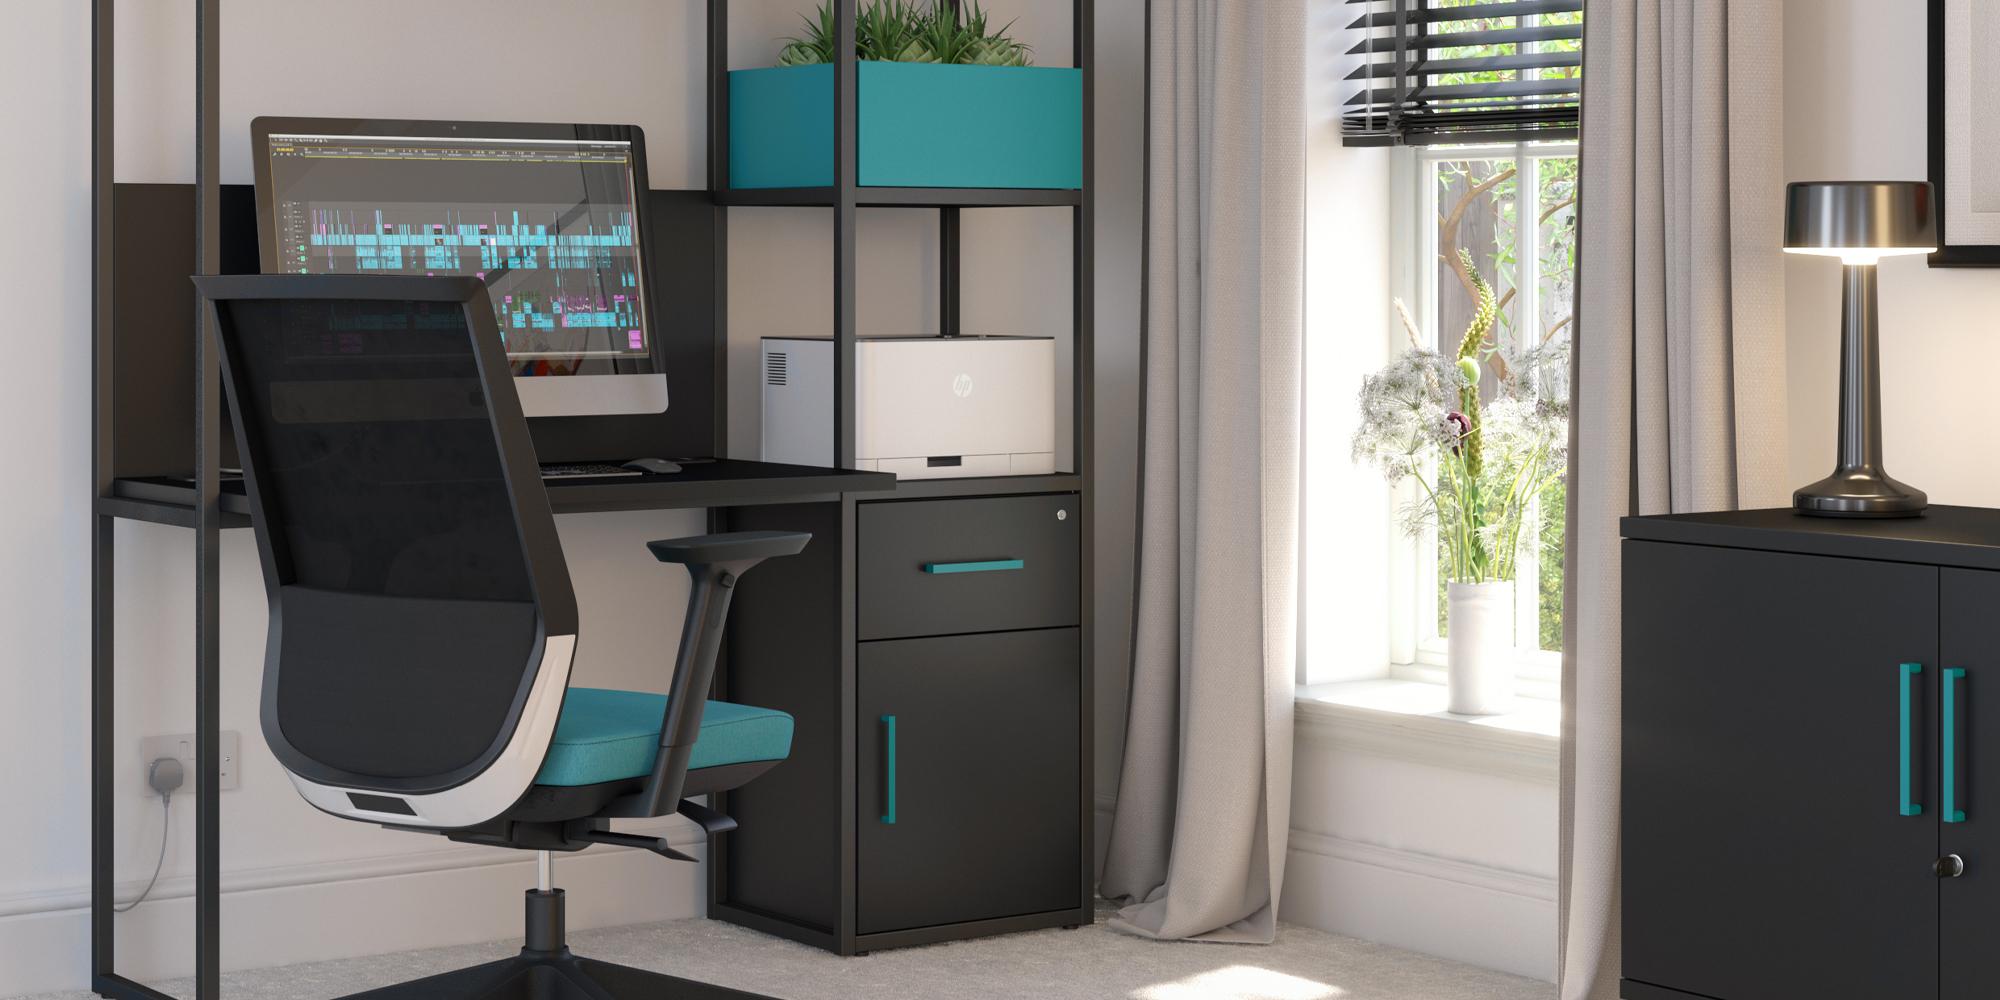 Cubeform Home Desk Feature Image